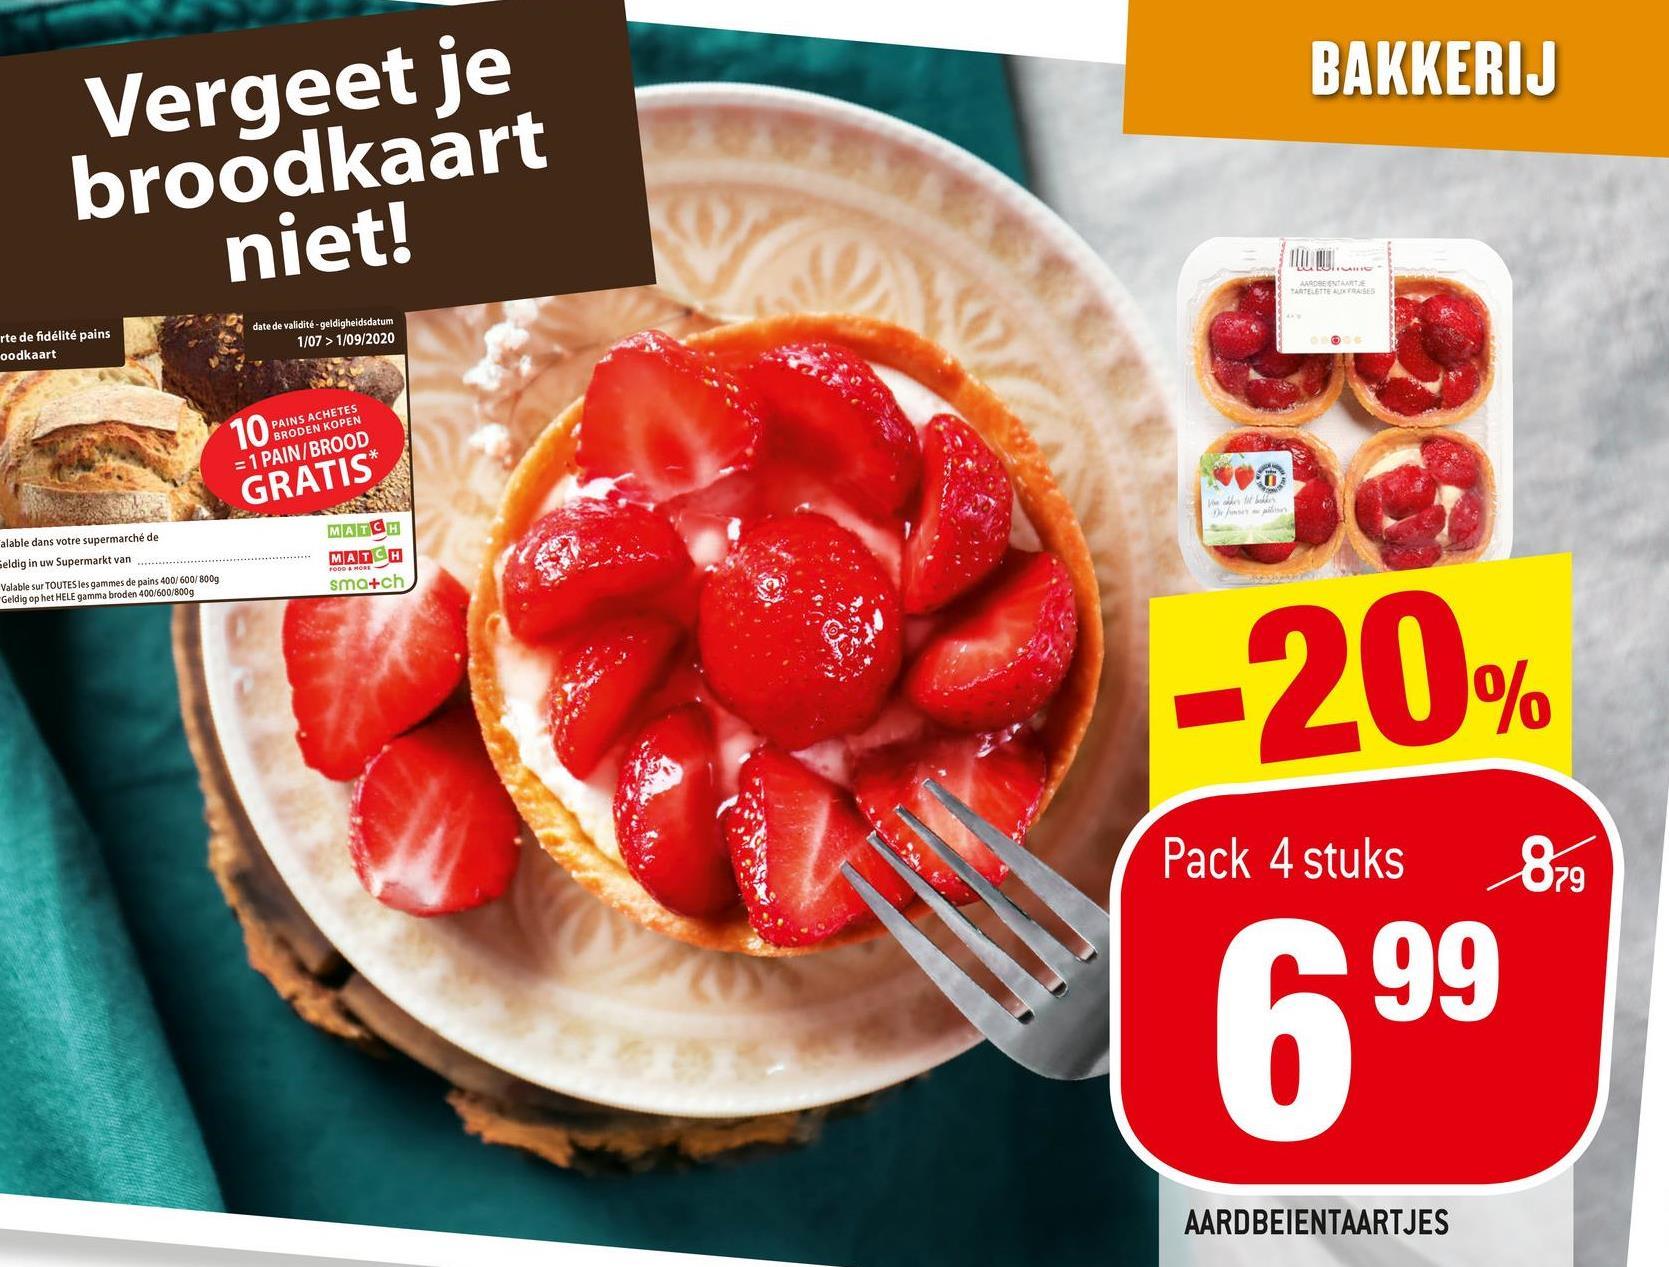 BAKKERIJ Vergeet je broodkaart niet! M. BOLEA NA VARTETTE AUTRES rte de fidélité pains oodkaart date de validité - geldigheidsdatum 1/07 > 1/09/2020 10 GRATIS* PAINS ACHETES BRODEN KOPEN = 1 PAIN/BROOD WEN alable dans votre supermarché de Eeldig in uw Supermarkt van Valable sur TOUTES les gammes de pains 400/600/800g Geldig op het HELE gamma broden 400/600/800g MATCH MATCH sma+ch FODD MORE -20% Pack 4 stuks 879 699 AARDBEIENTAARTJES